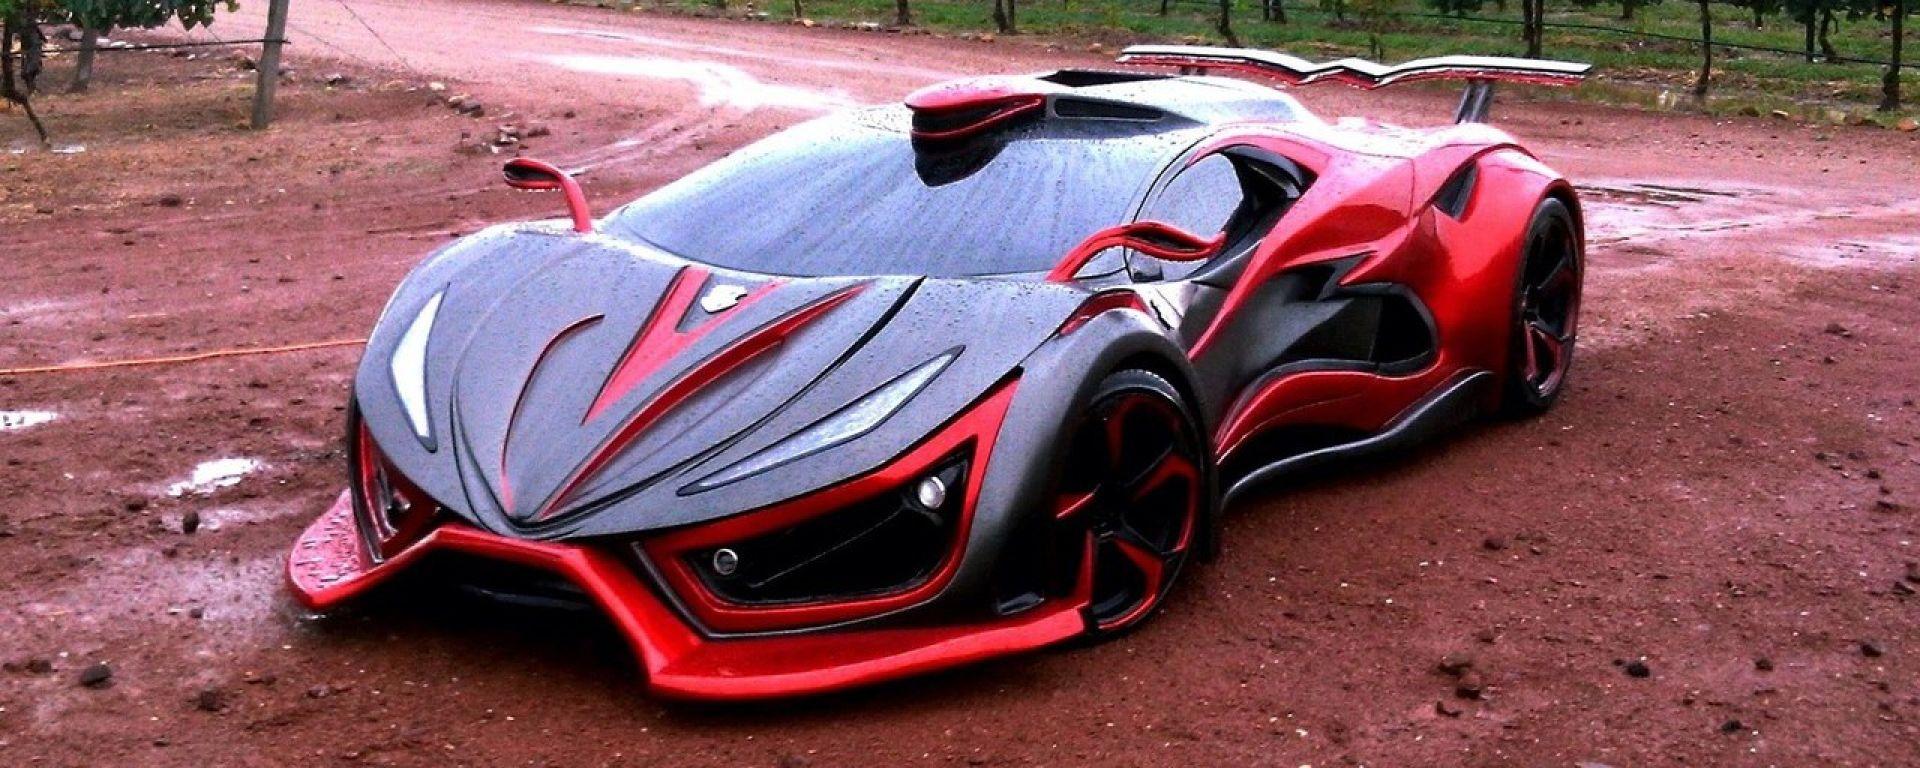 Devil 16 Car >> Novità auto: Inferno: la hypercar messicana torna a far parlare di sé - MotorBox